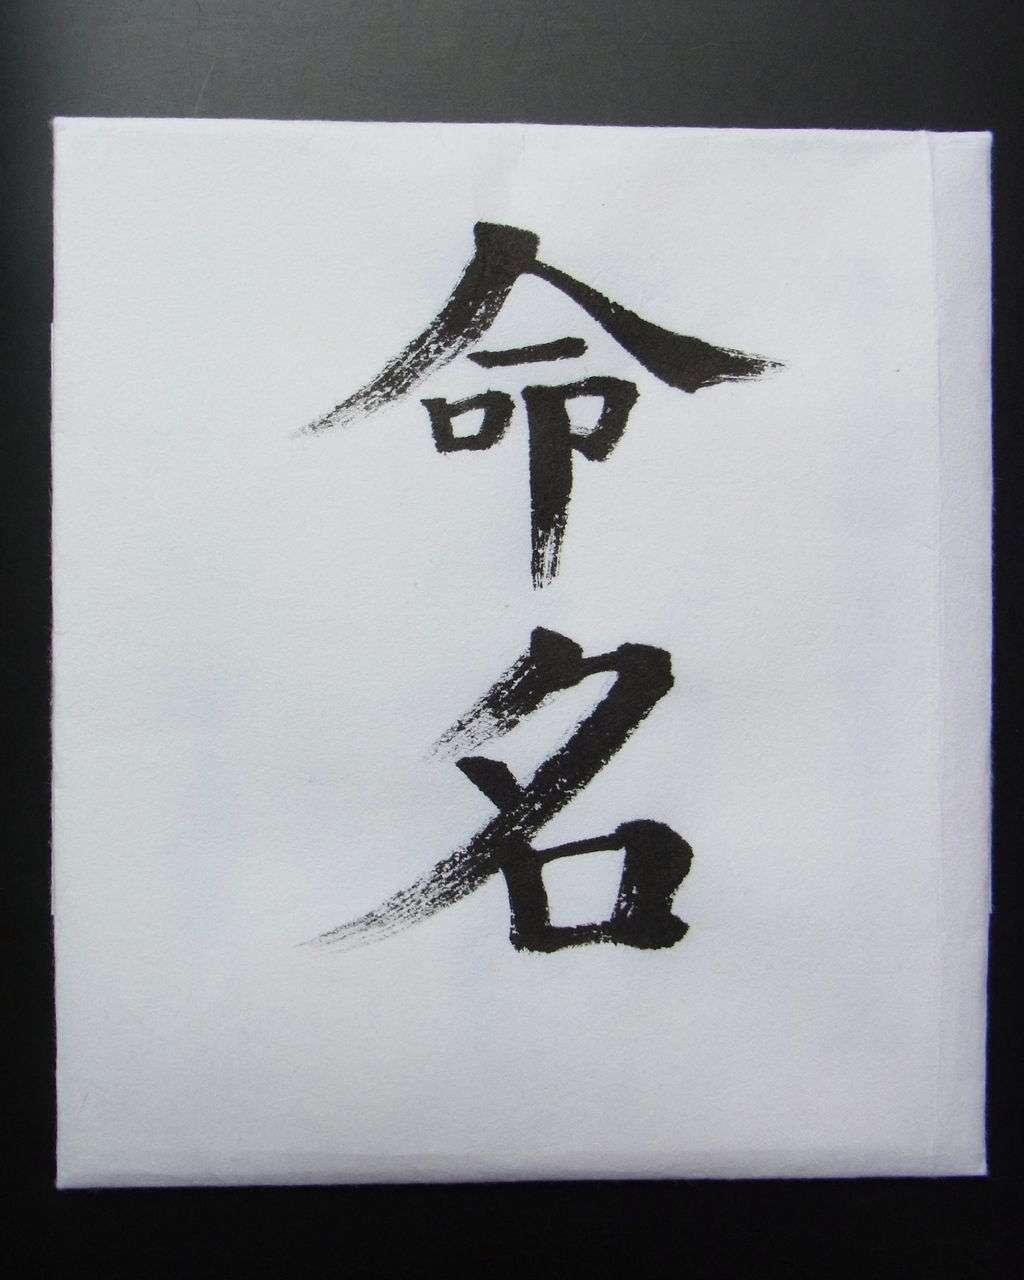 有名人子供のキラキラネーム 亘利翔、朱李埜、頼音、宝冠、兄、在波など